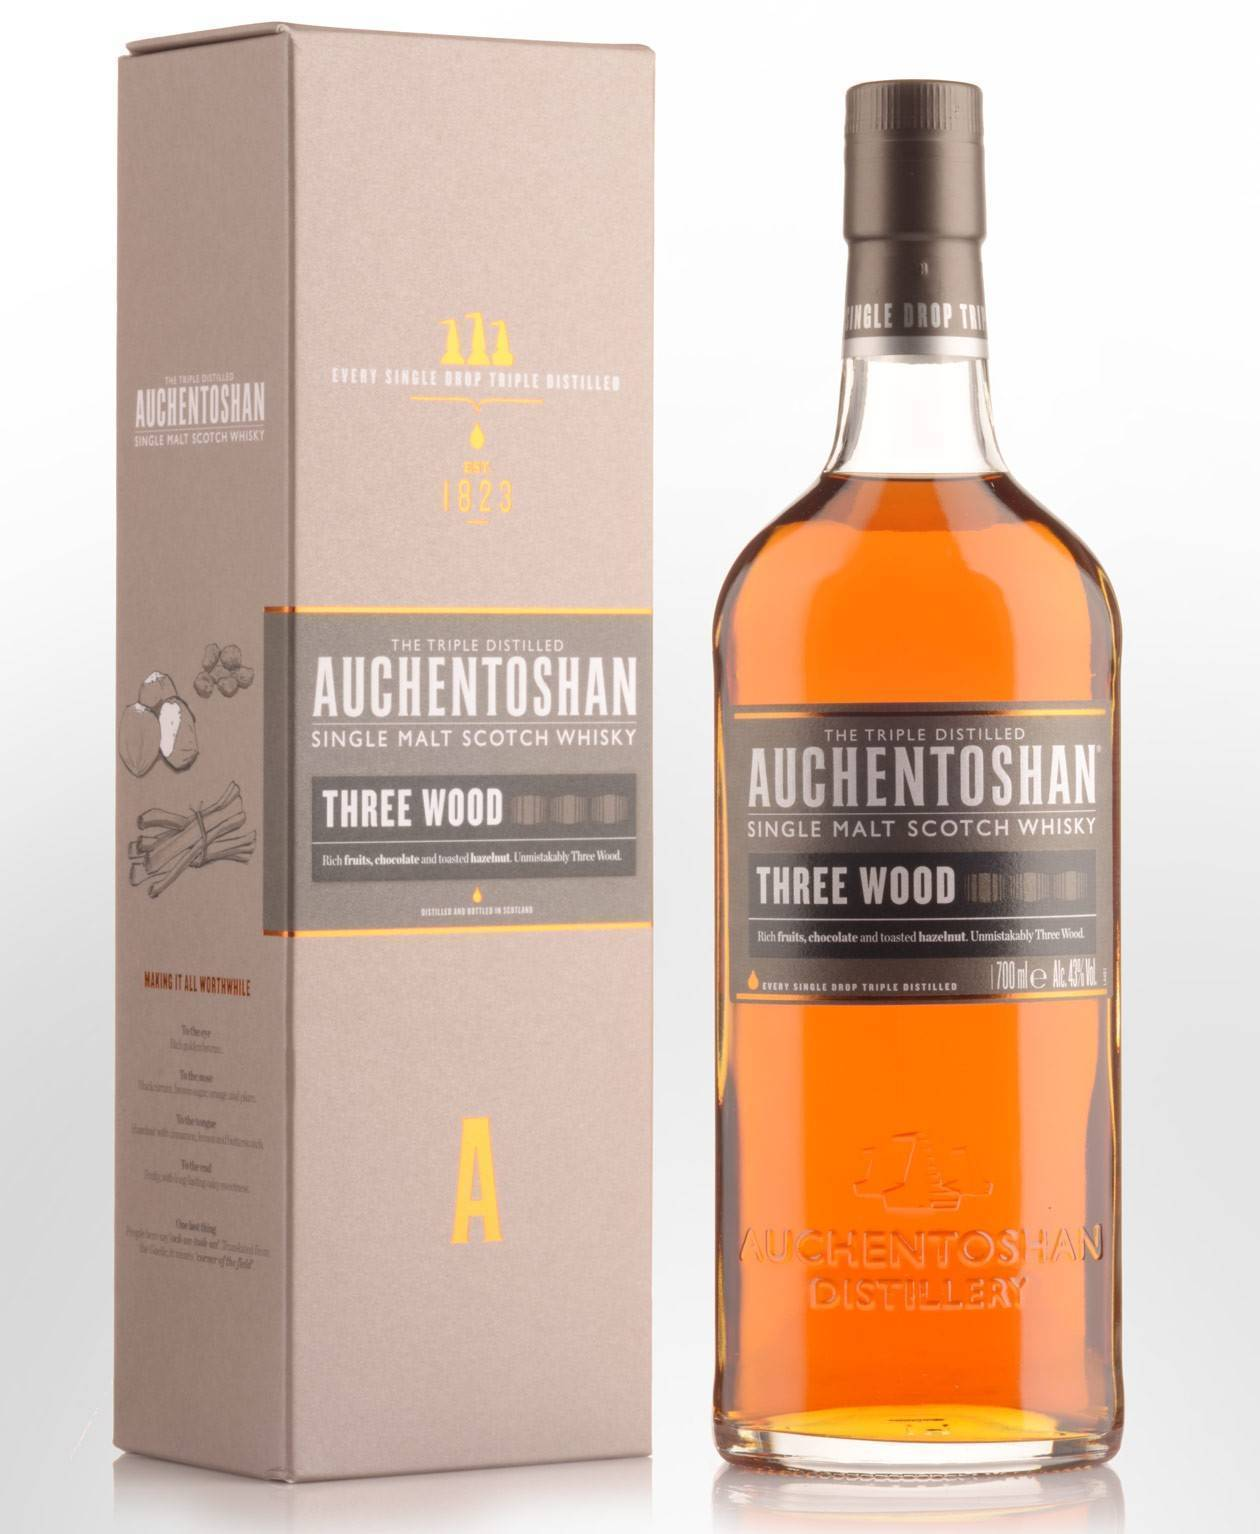 Обзор линейки шотландского виски Auchentoshan. История бренда, особенность производства и стоимость